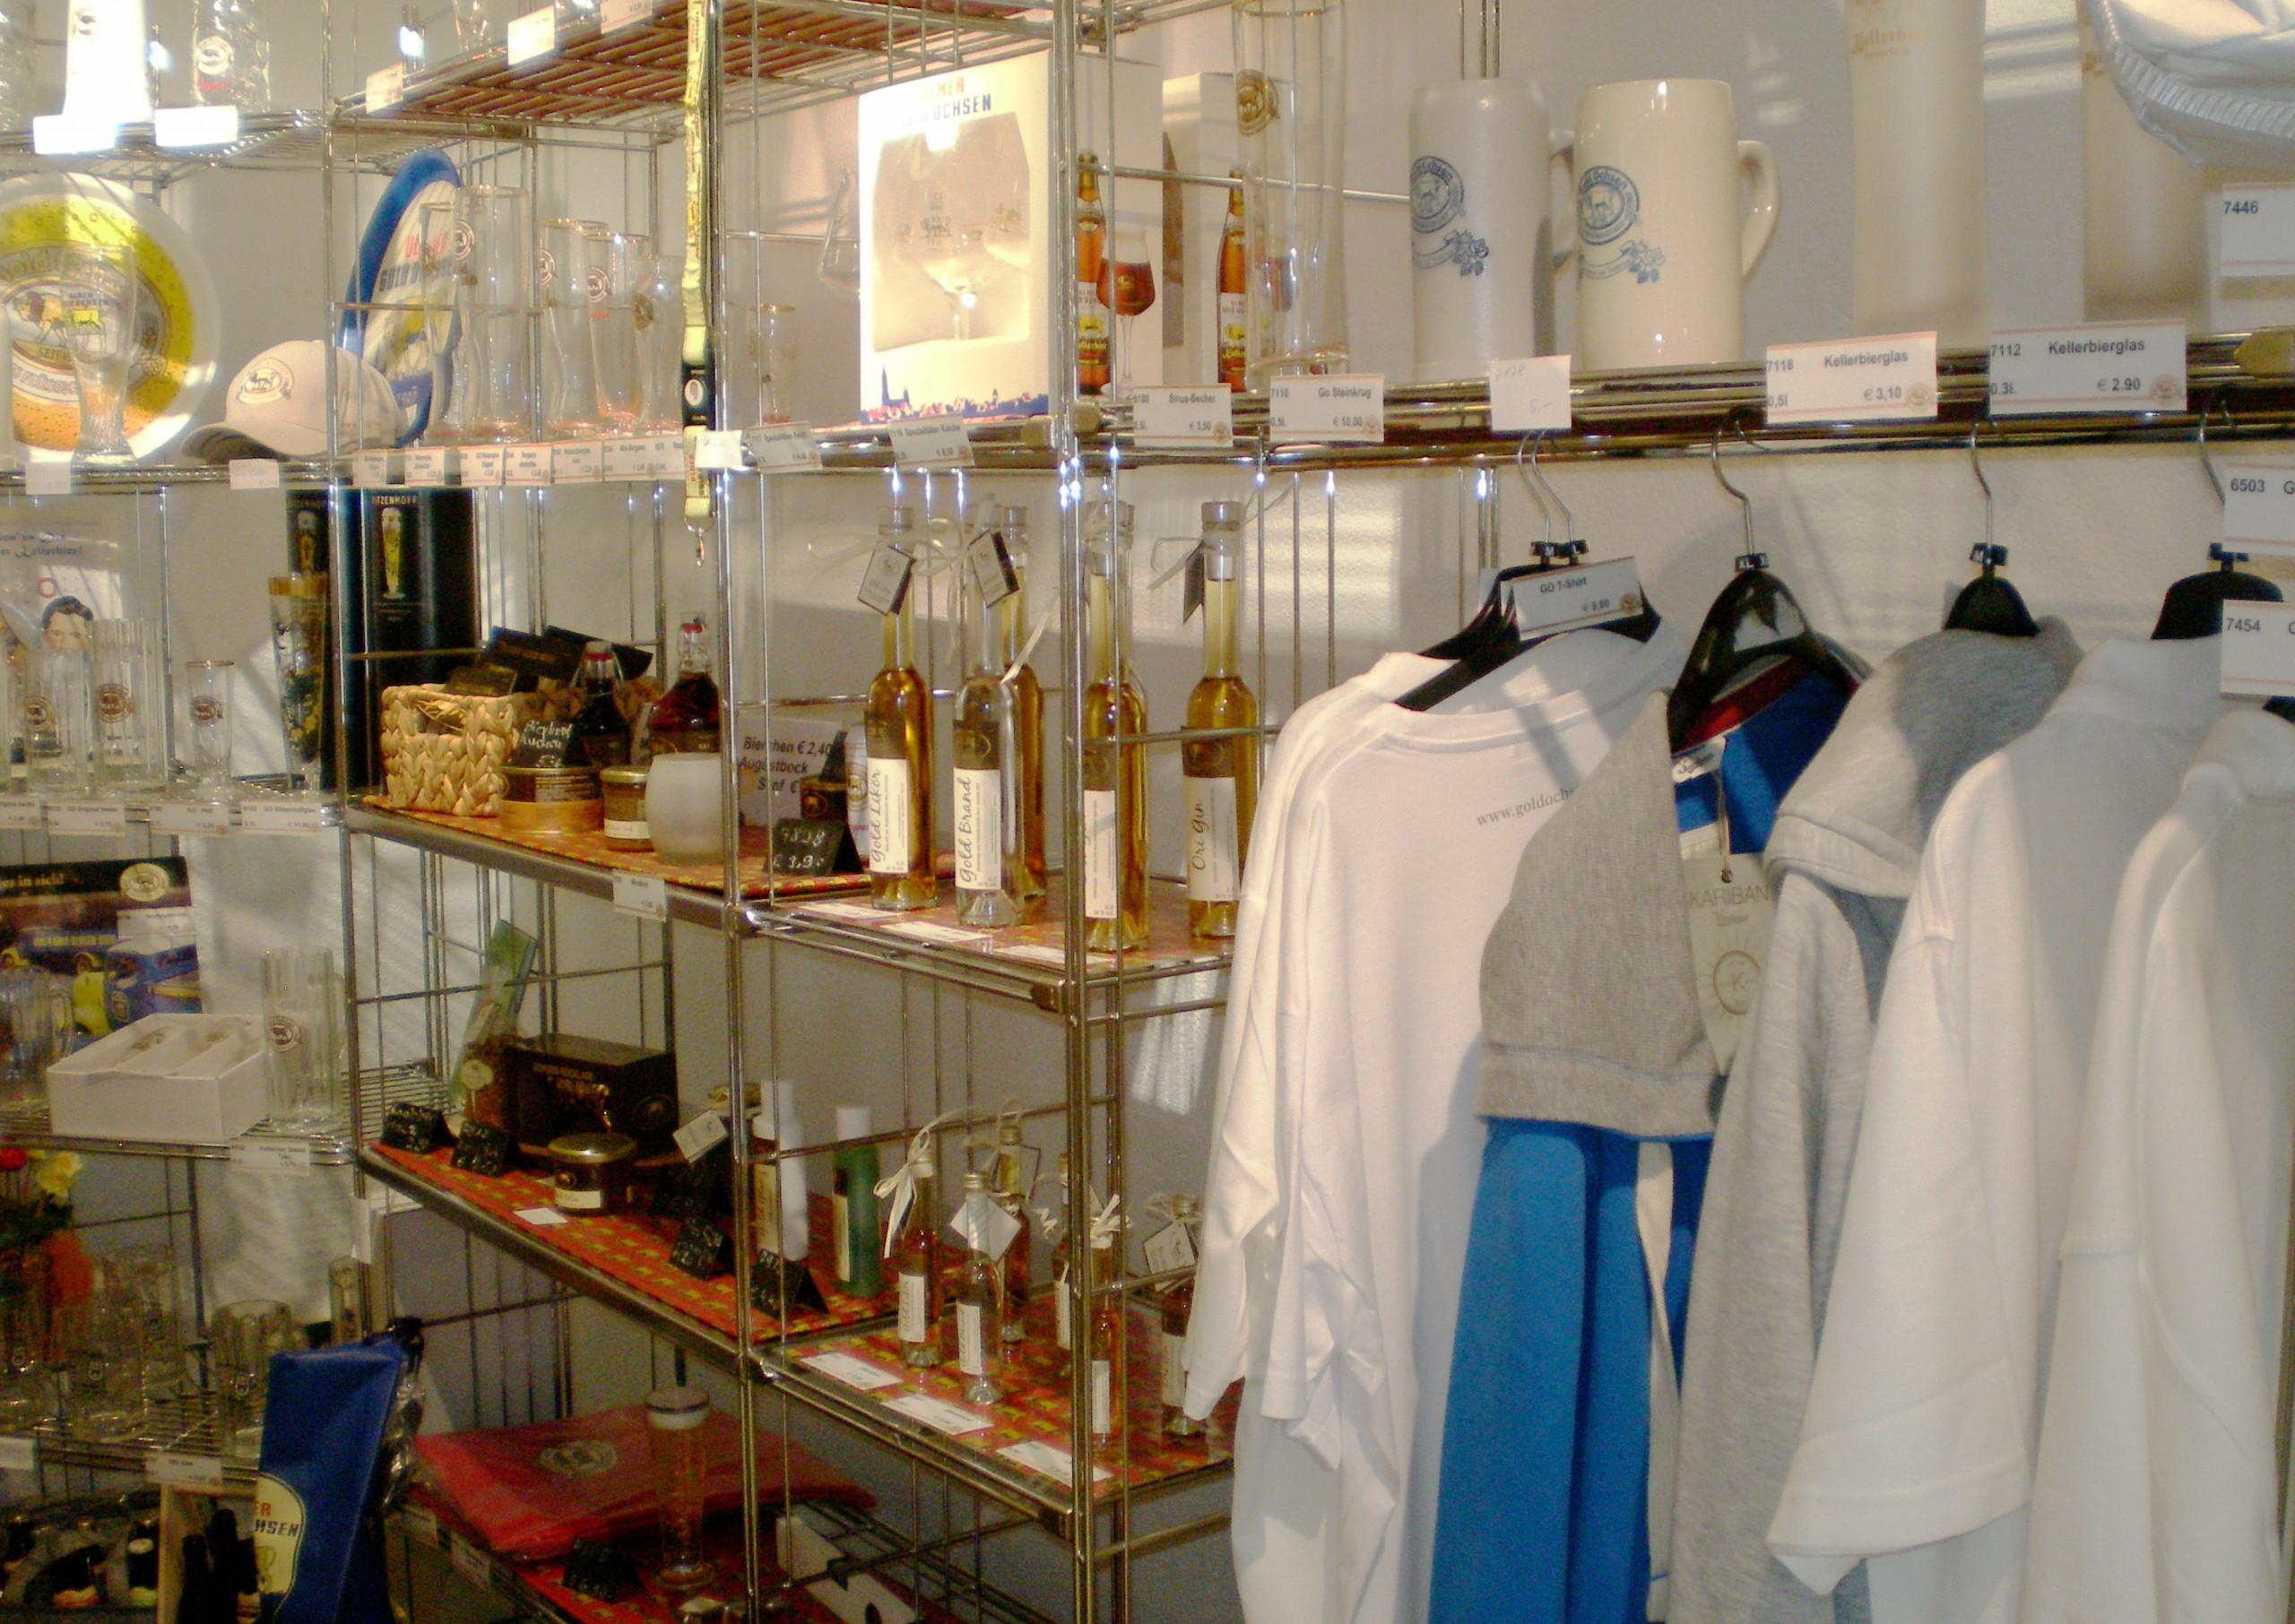 Brauerei_Shop_Gold_Ochsen